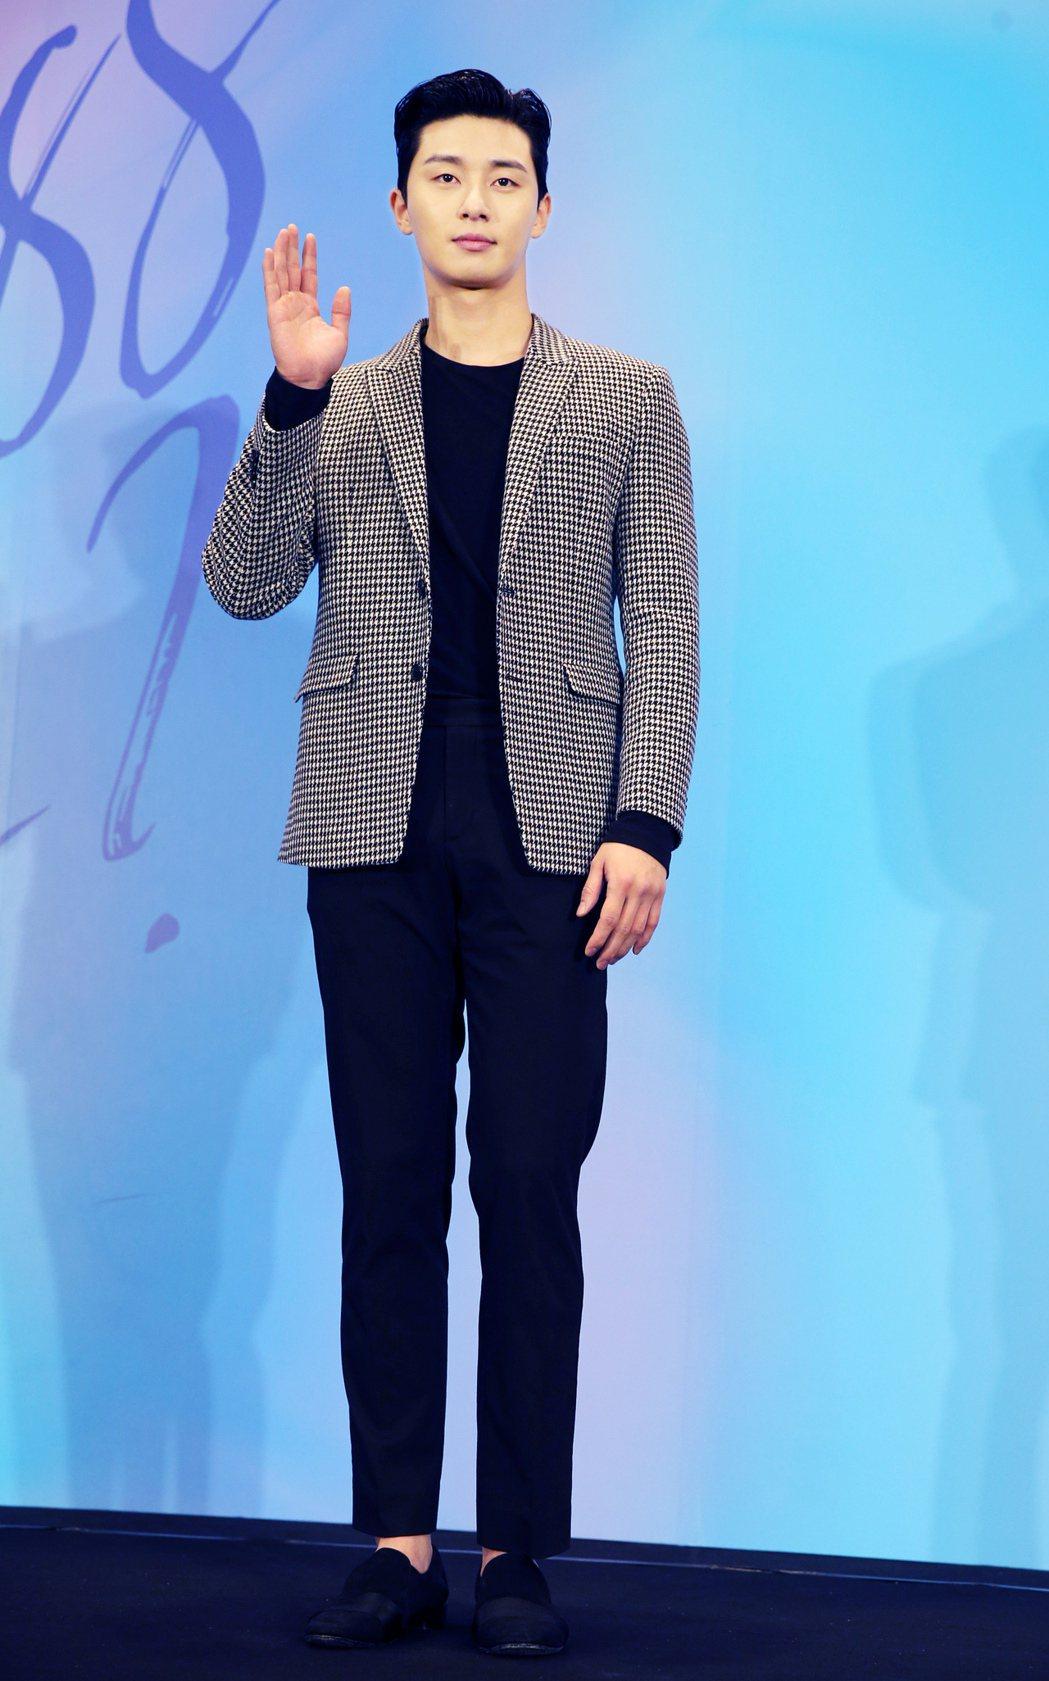 在韓劇《三流之路》飾演癡情男「東萬」的朴敘俊首次訪台,出席記者會與媒體會面。記者